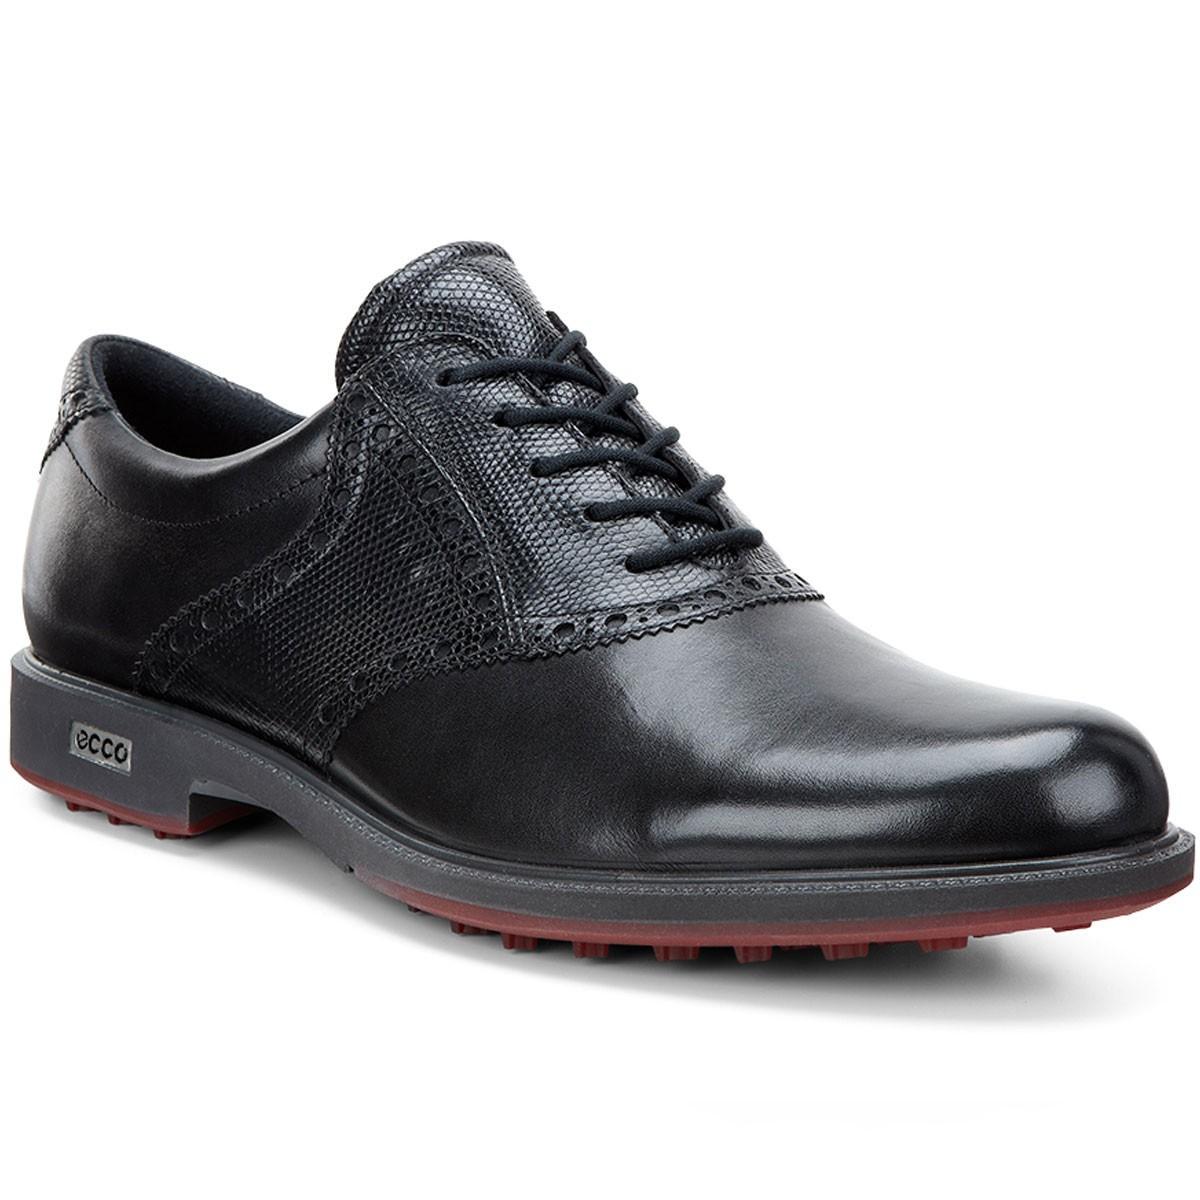 Spikeless Waterproof Golf Shoes Uk